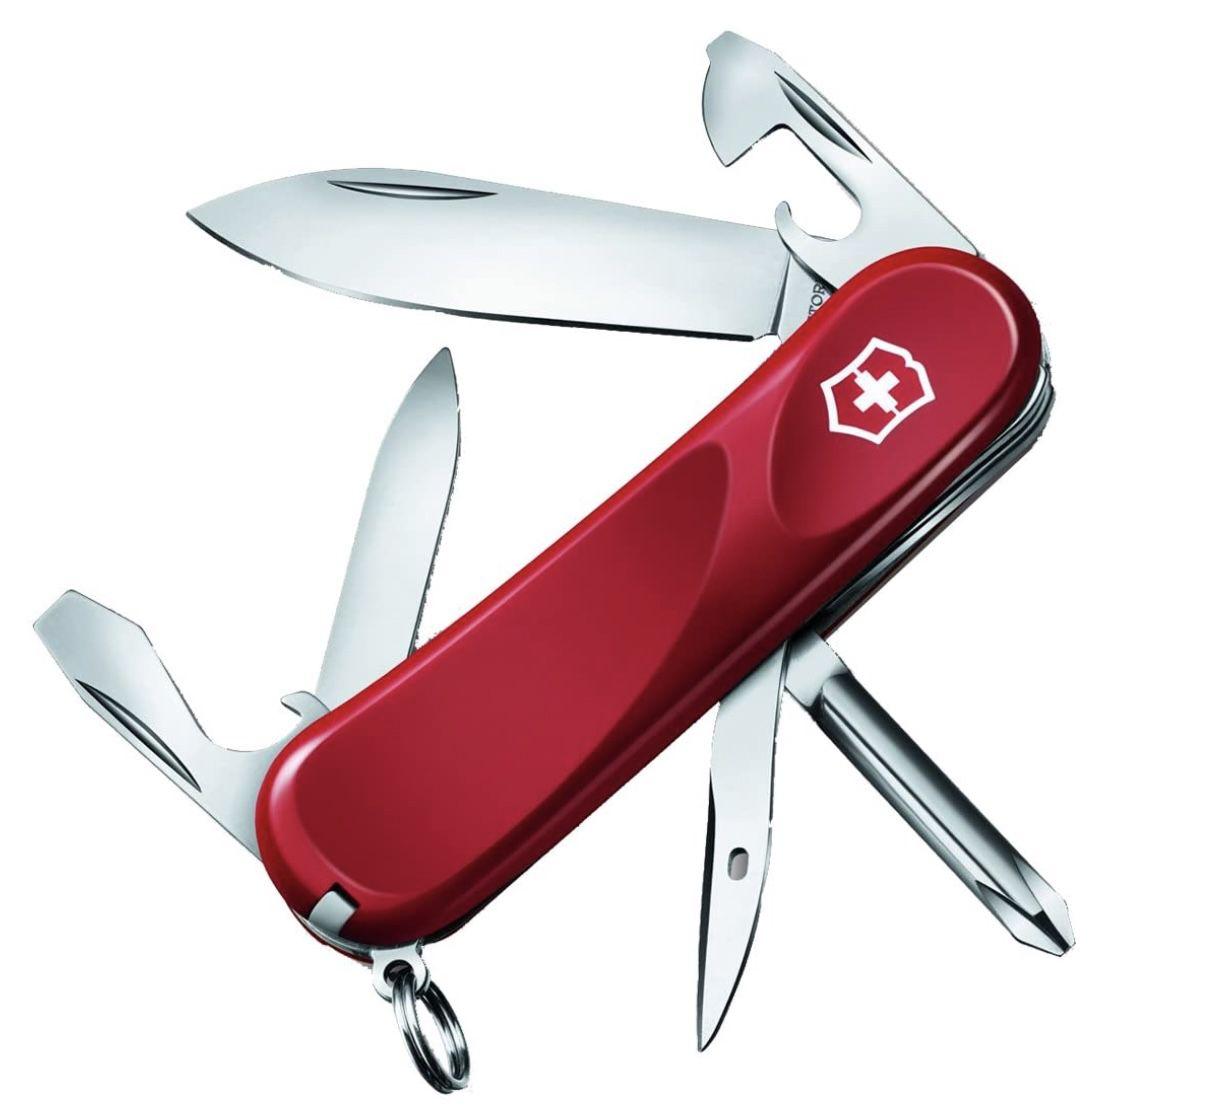 Victorinox Taschenmesser Evolution 11 für 24,90€ (statt 30€)